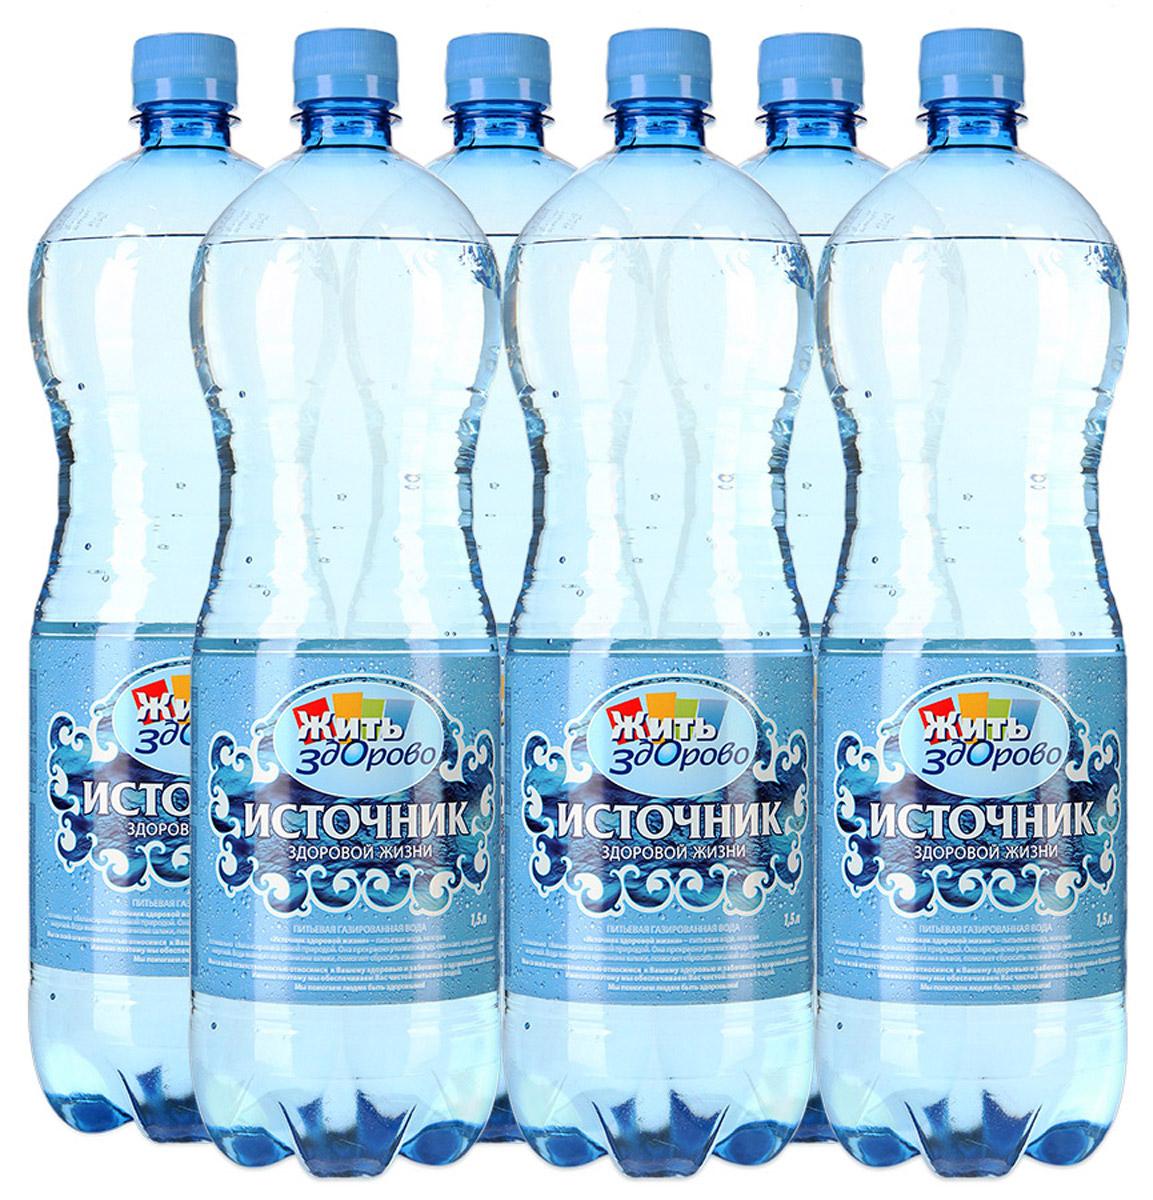 Источник здоровой жизни питьевая вода газированная 1,5 л